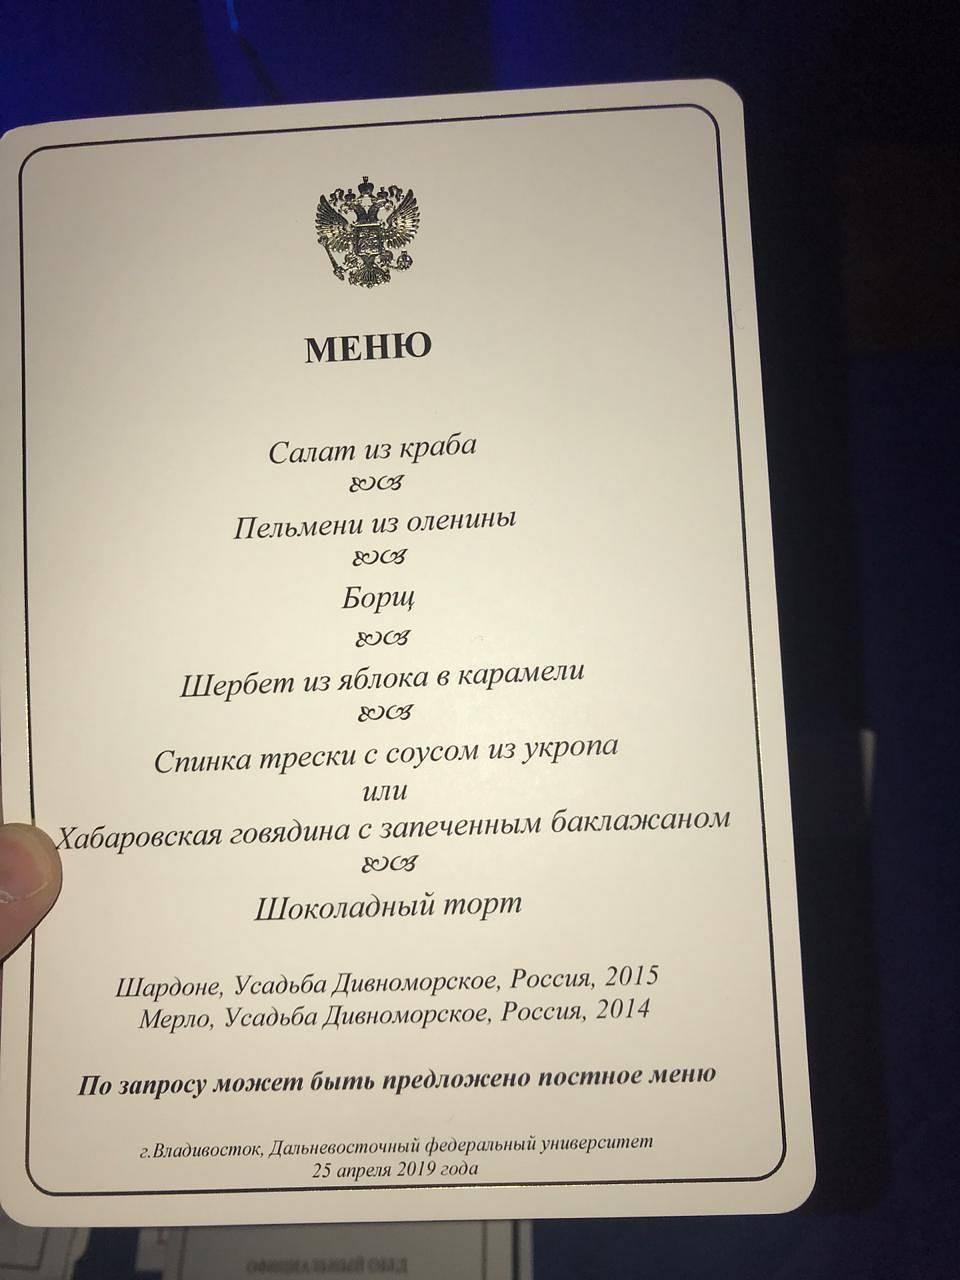 """俄媒曝光""""普金会""""后晚宴菜单:有鹿肉饺子、蟹肉沙拉......"""